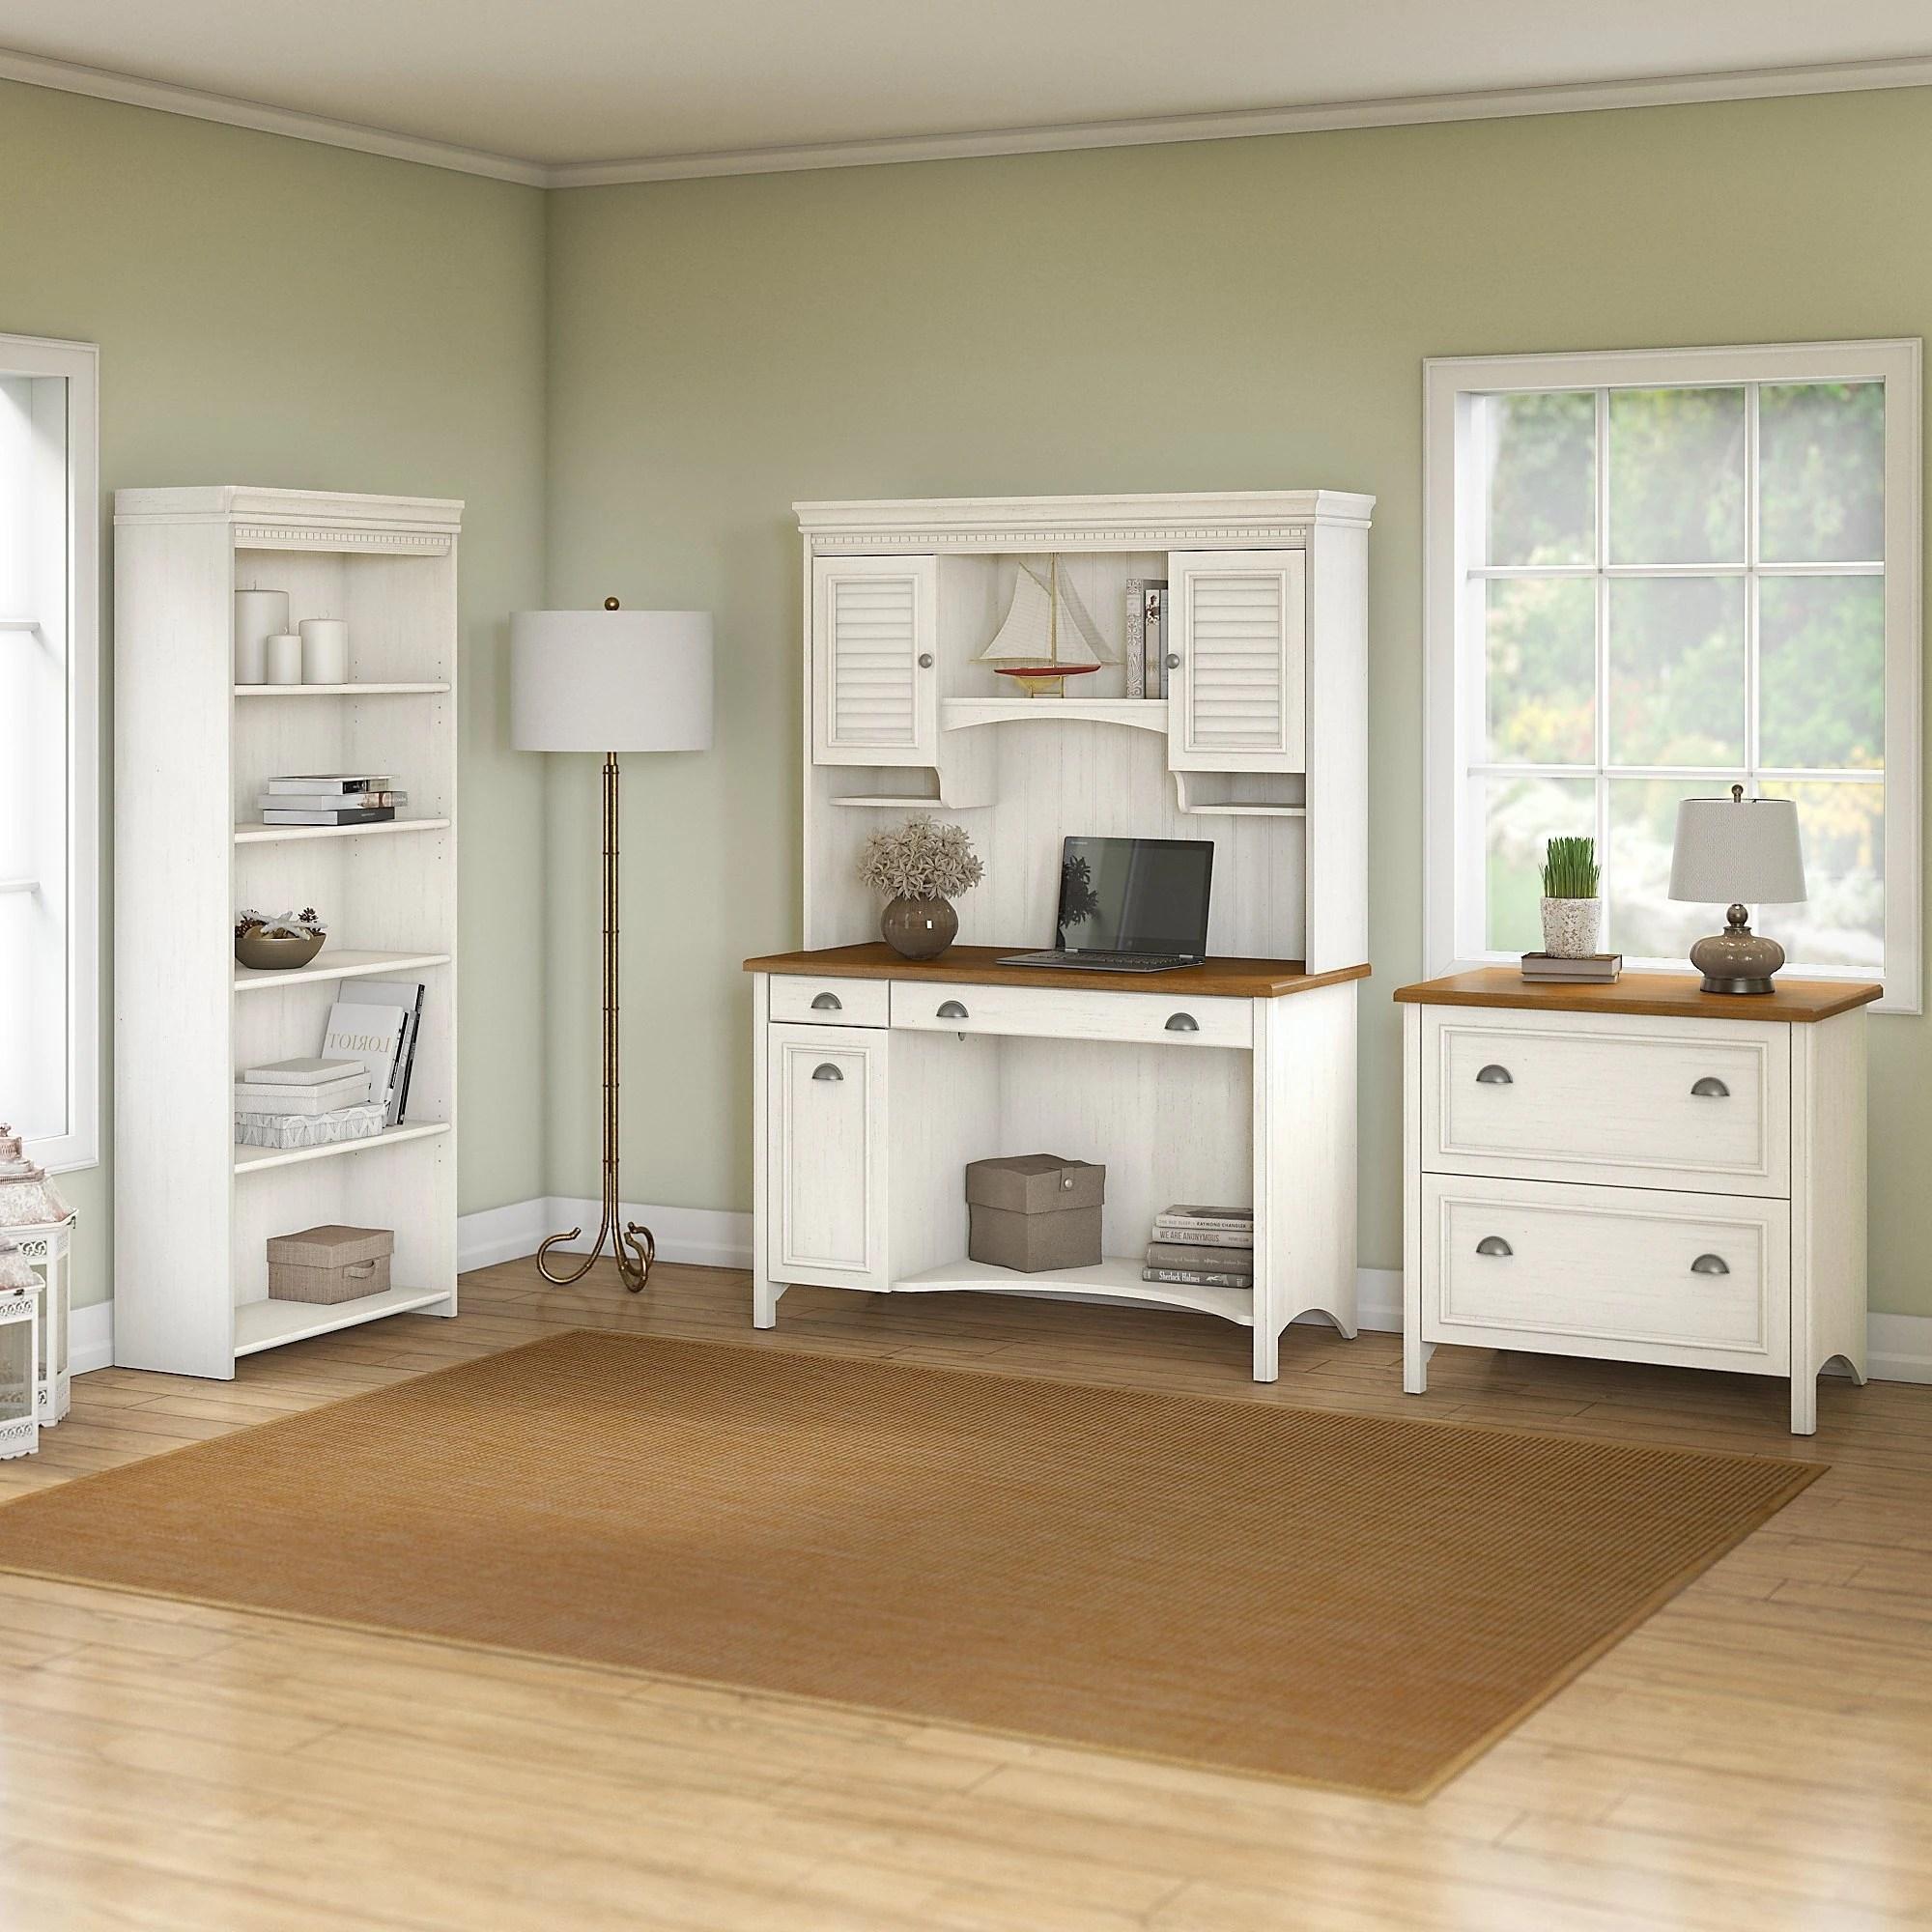 Copper Grove Pernik Computer Desk With Hutch Bookcase And Lateral File Cabinet In Antique White